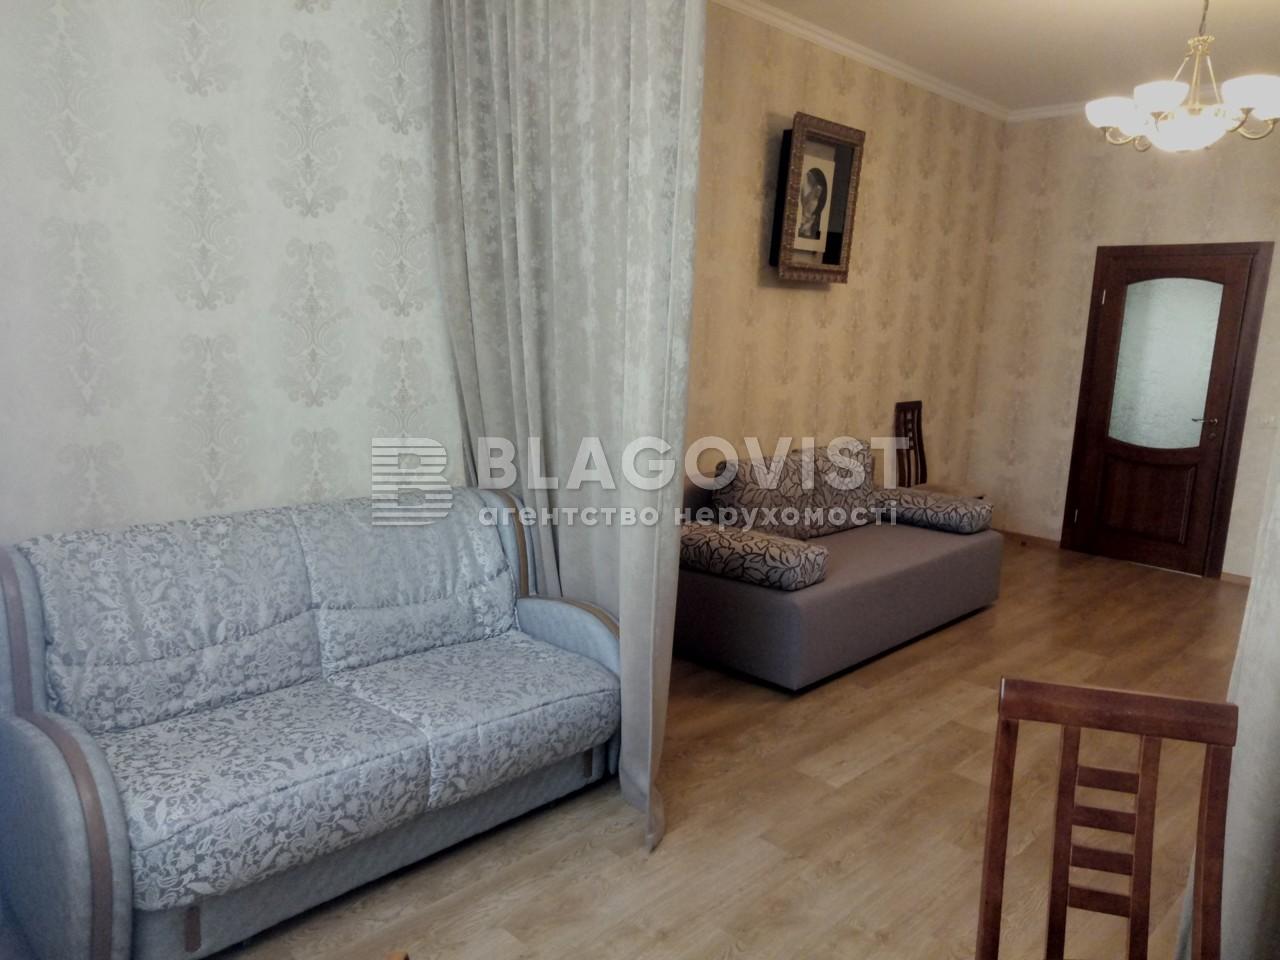 Квартира M-35970, Борщаговская, 28а, Петропавловская Борщаговка - Фото 10